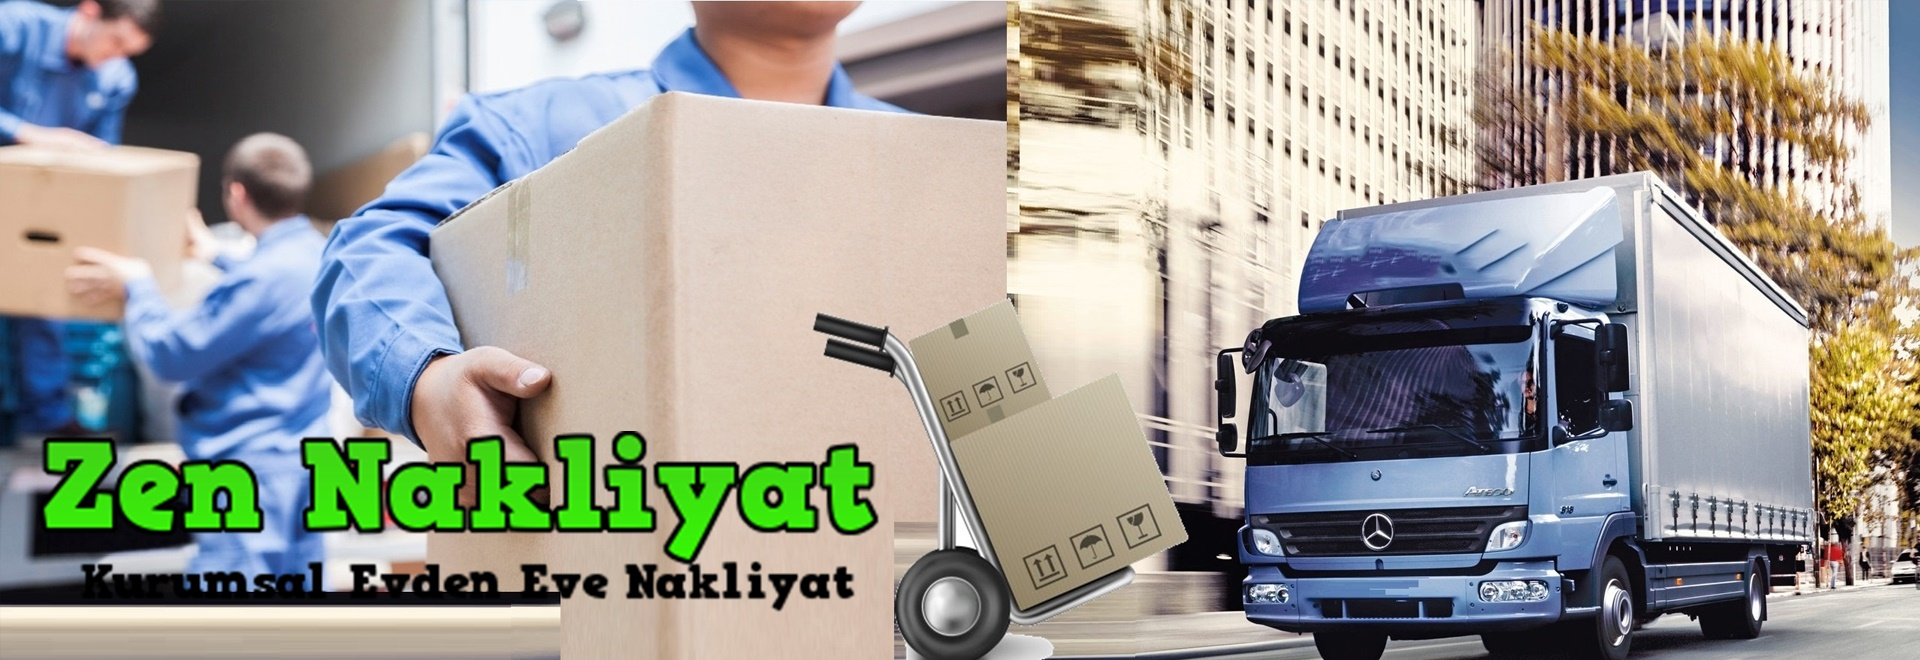 İstanbul Tokat Nakliyat